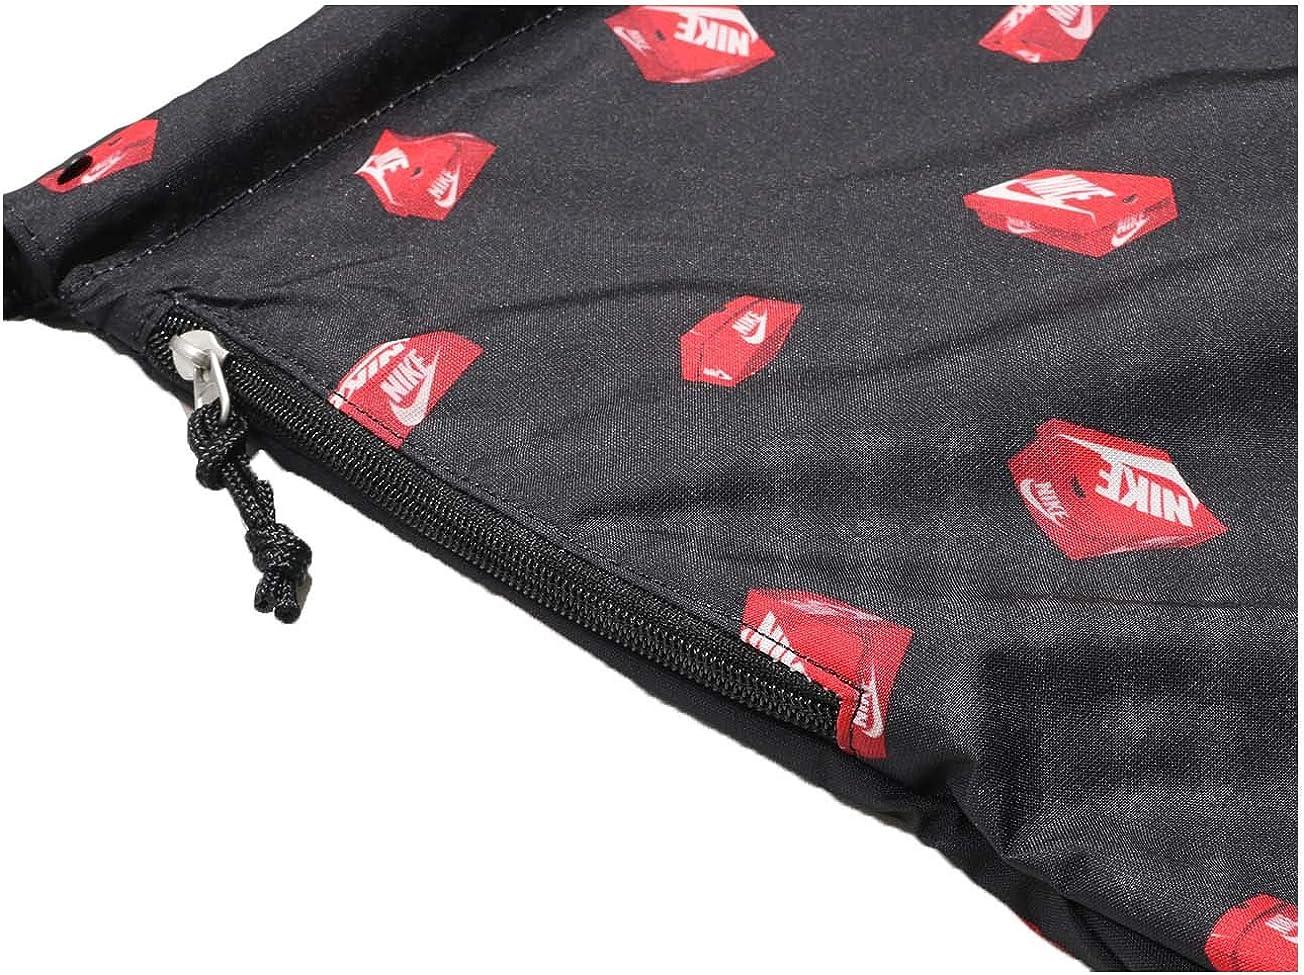 NIKE NK Heritage GMSK 3-GFX, Bolsa de tela y de playa Unisex Adultos, Multicolor (Black/Black/Habanero), 8x15x20 cm (W x H x L): Amazon.es: Zapatos y complementos